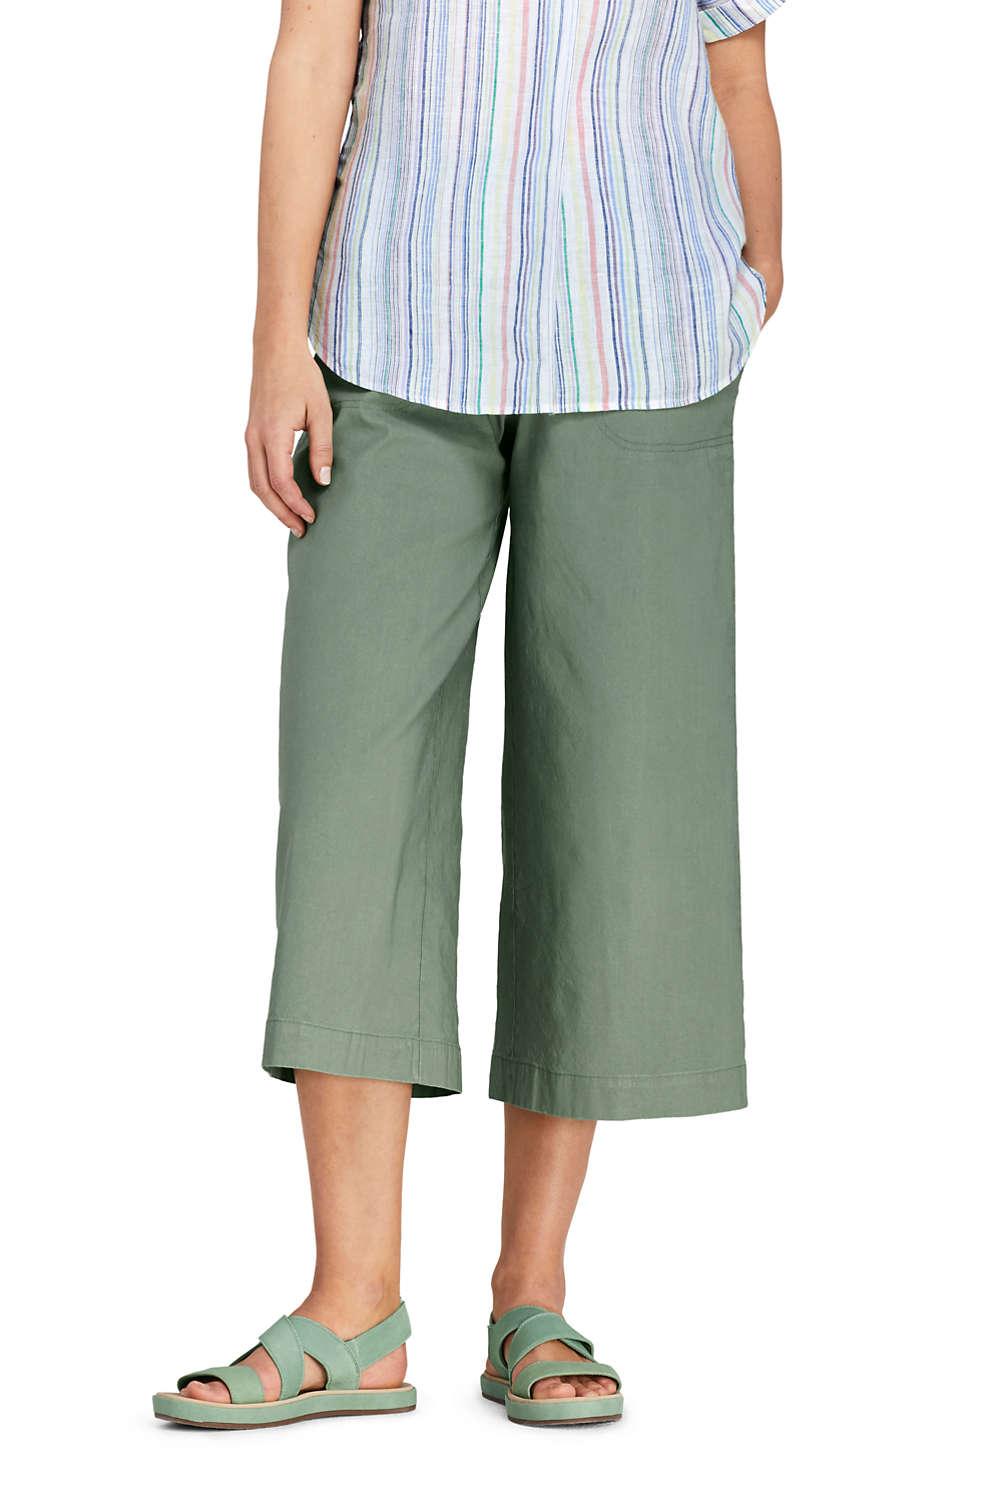 00dcf51107eb Women's Wide Leg Crop Linen Blend Pants from Lands' End